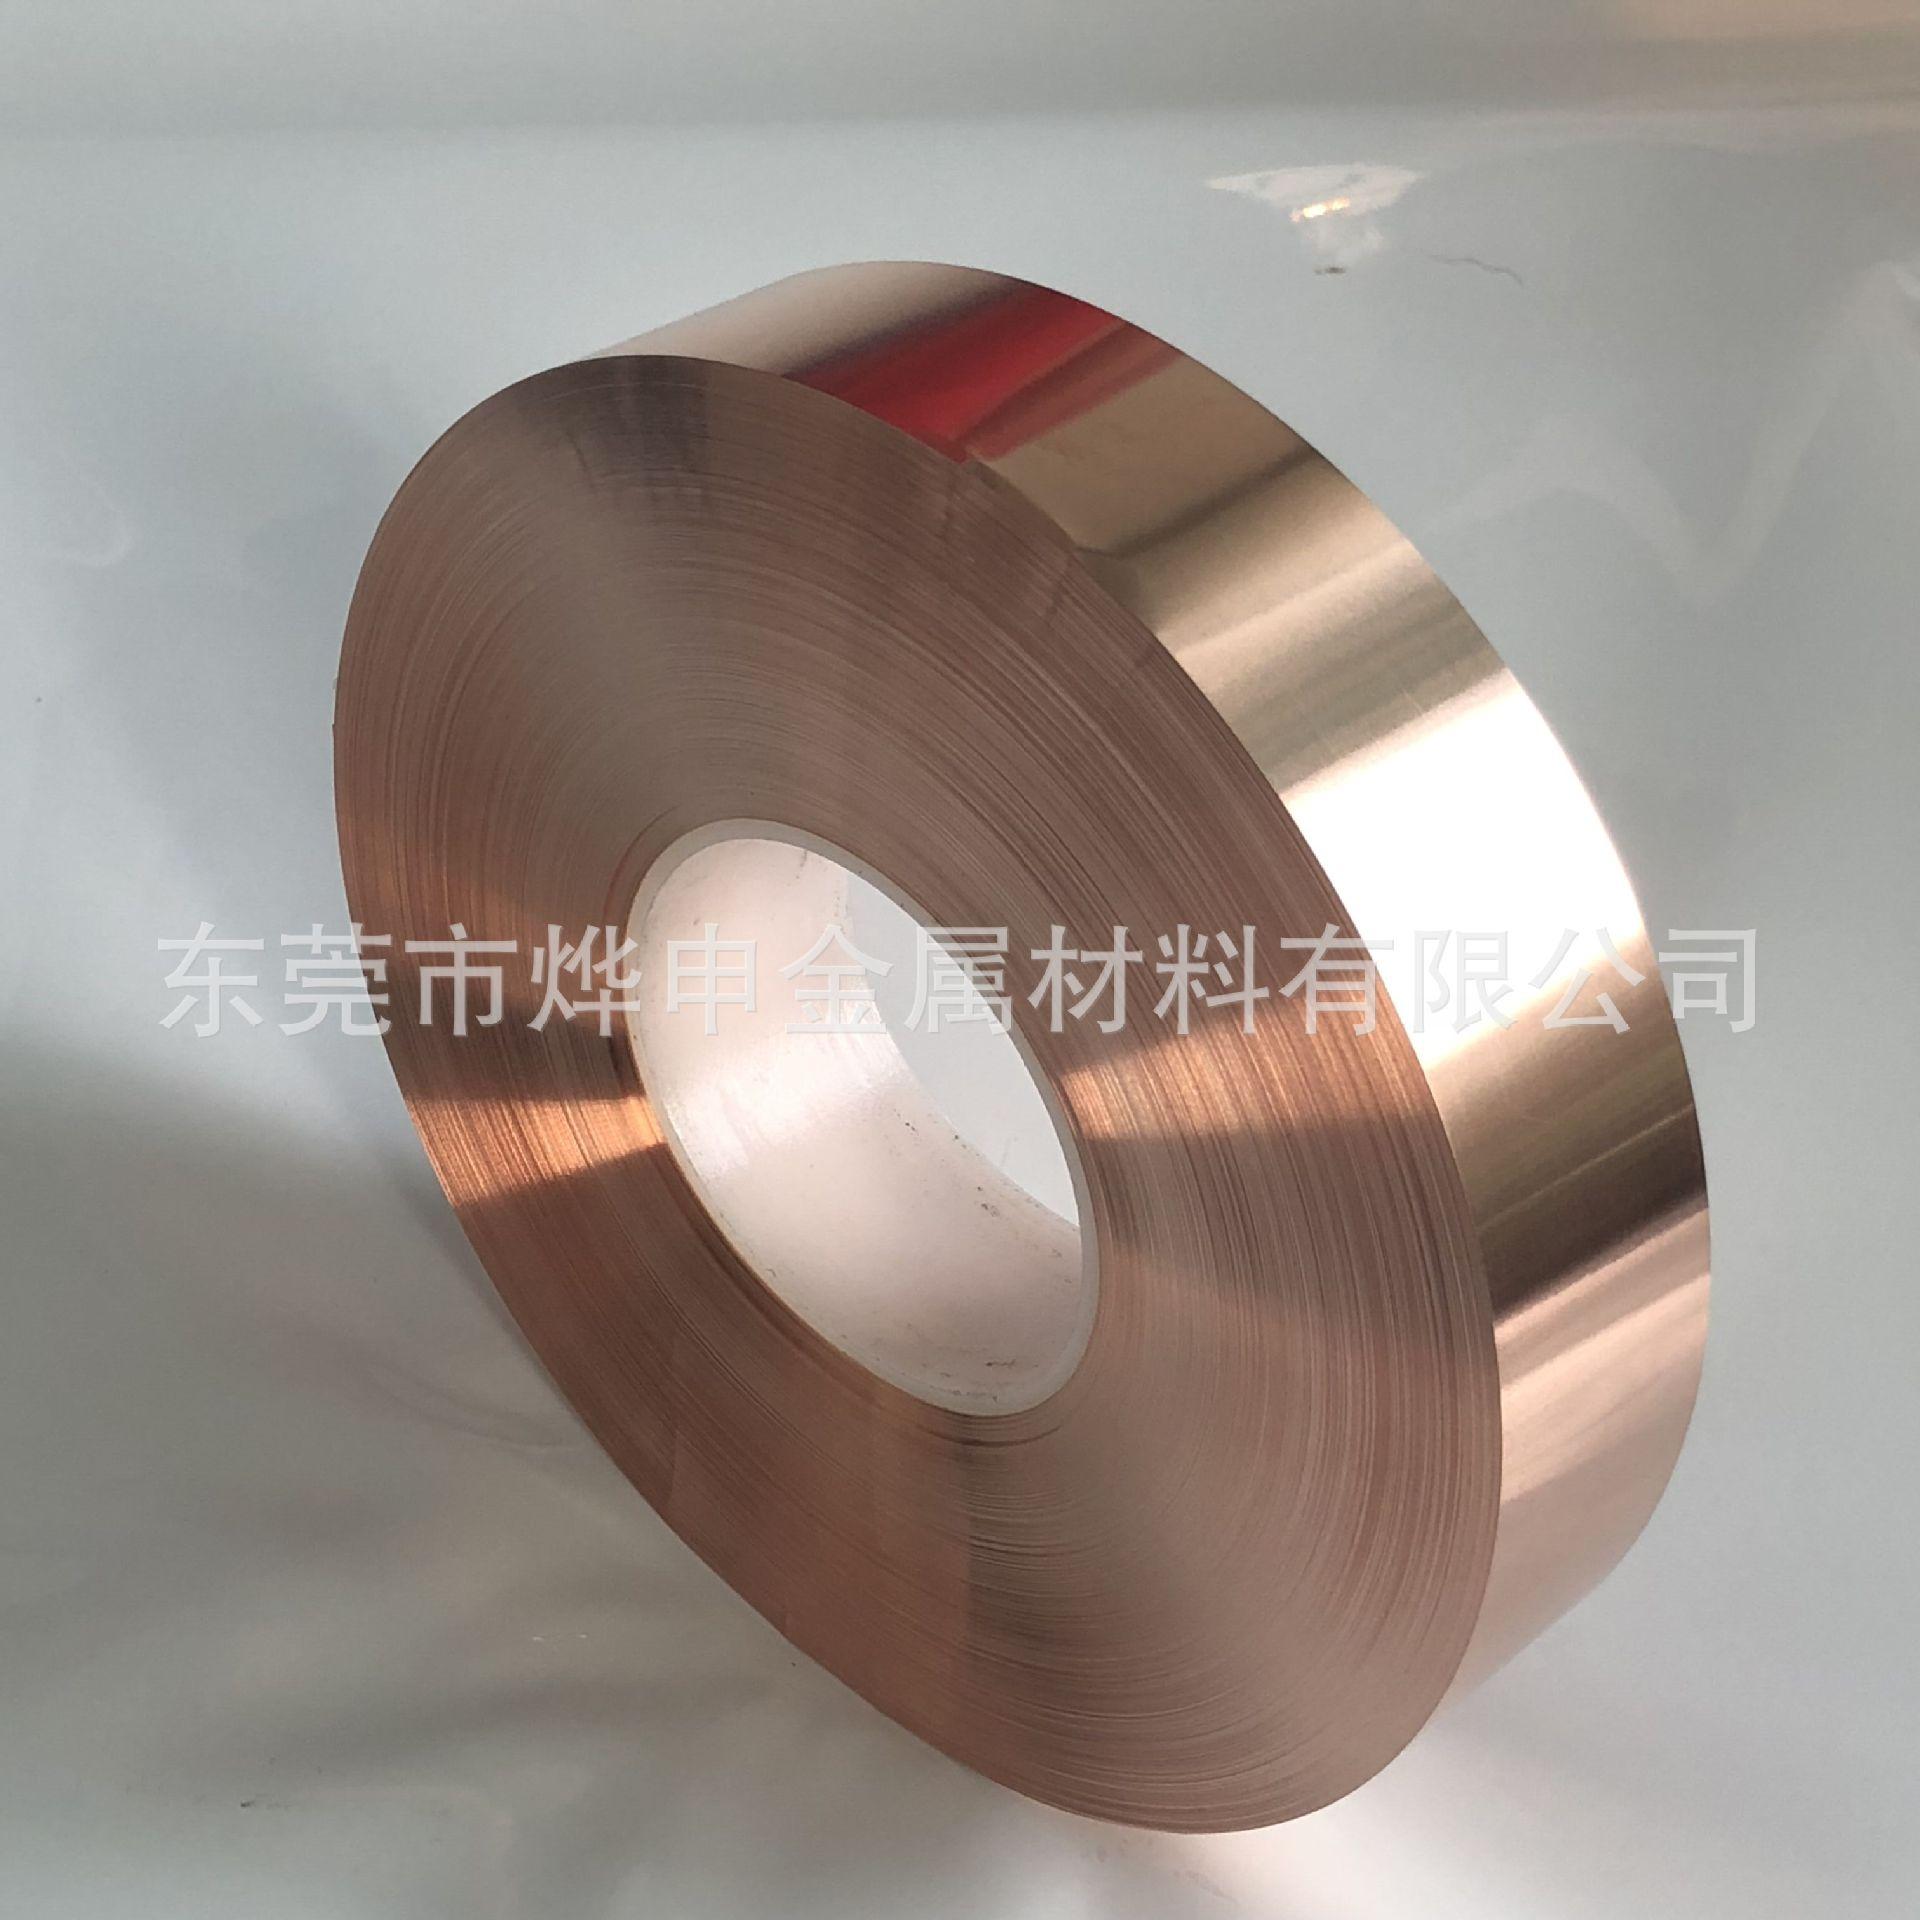 紫铜箔0.03*200 0.05*200mm 紫铜带0.01*200 0.08*200mm 拆散零卖